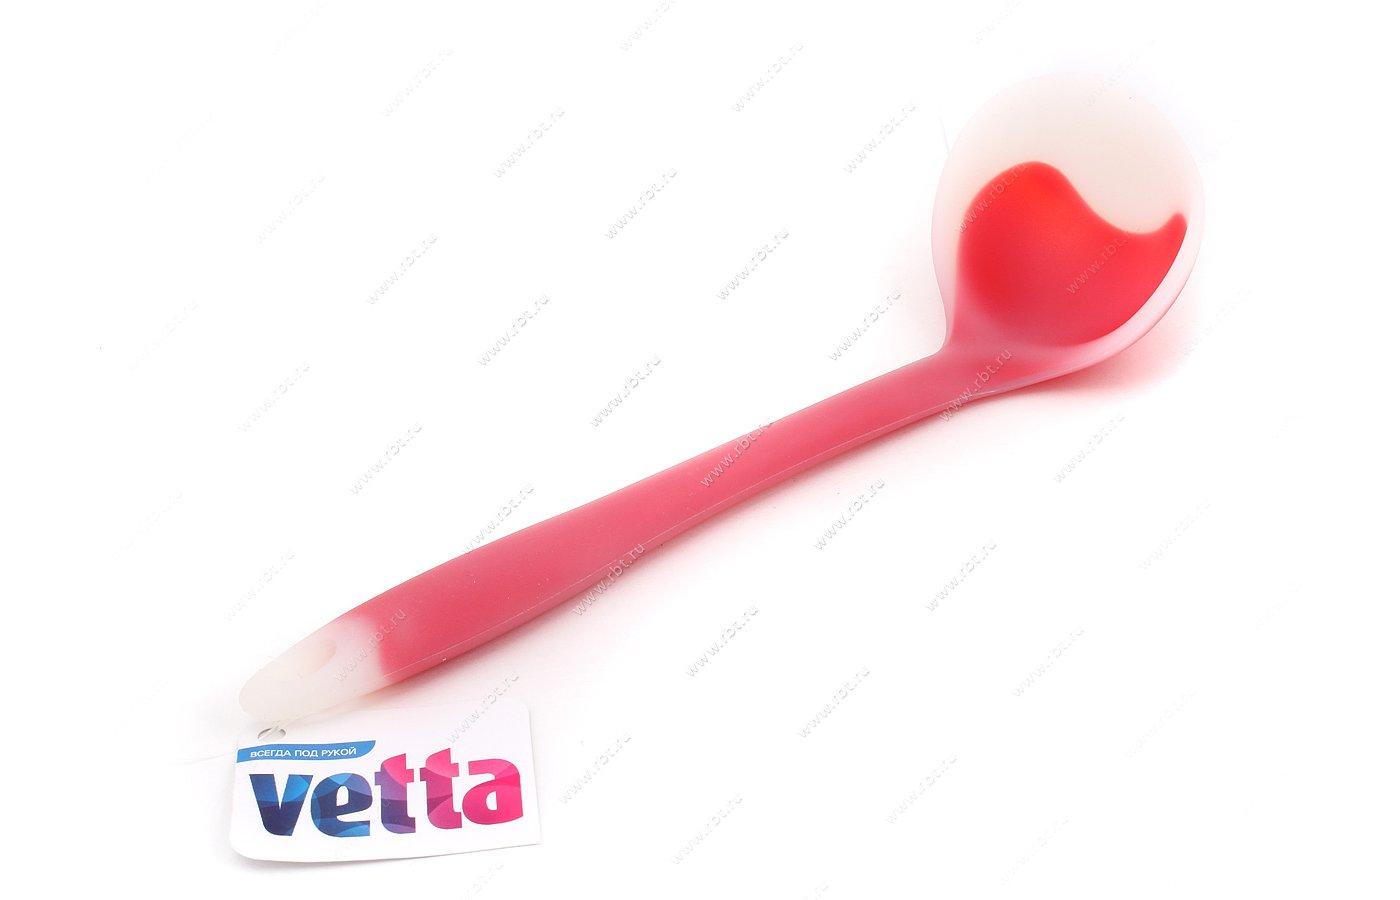 кухонные принадлежности VETTA 881-010 Аристо Половник